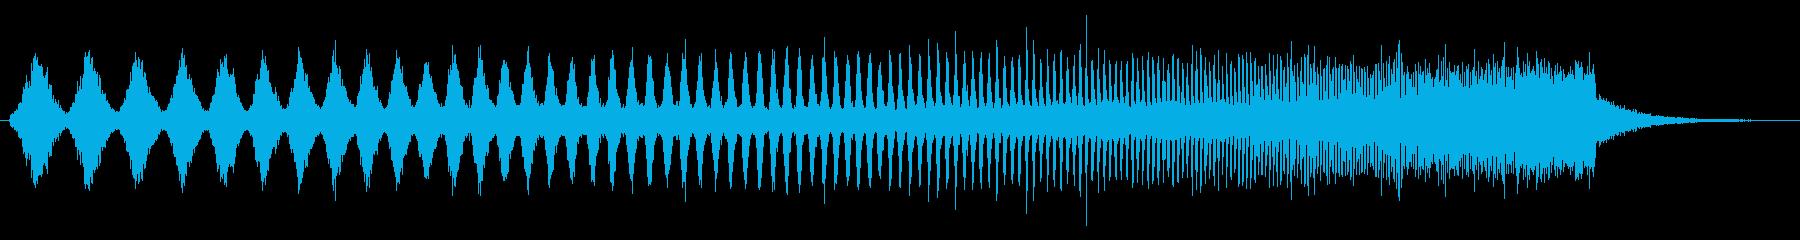 上昇 ダブステップウォブル01の再生済みの波形